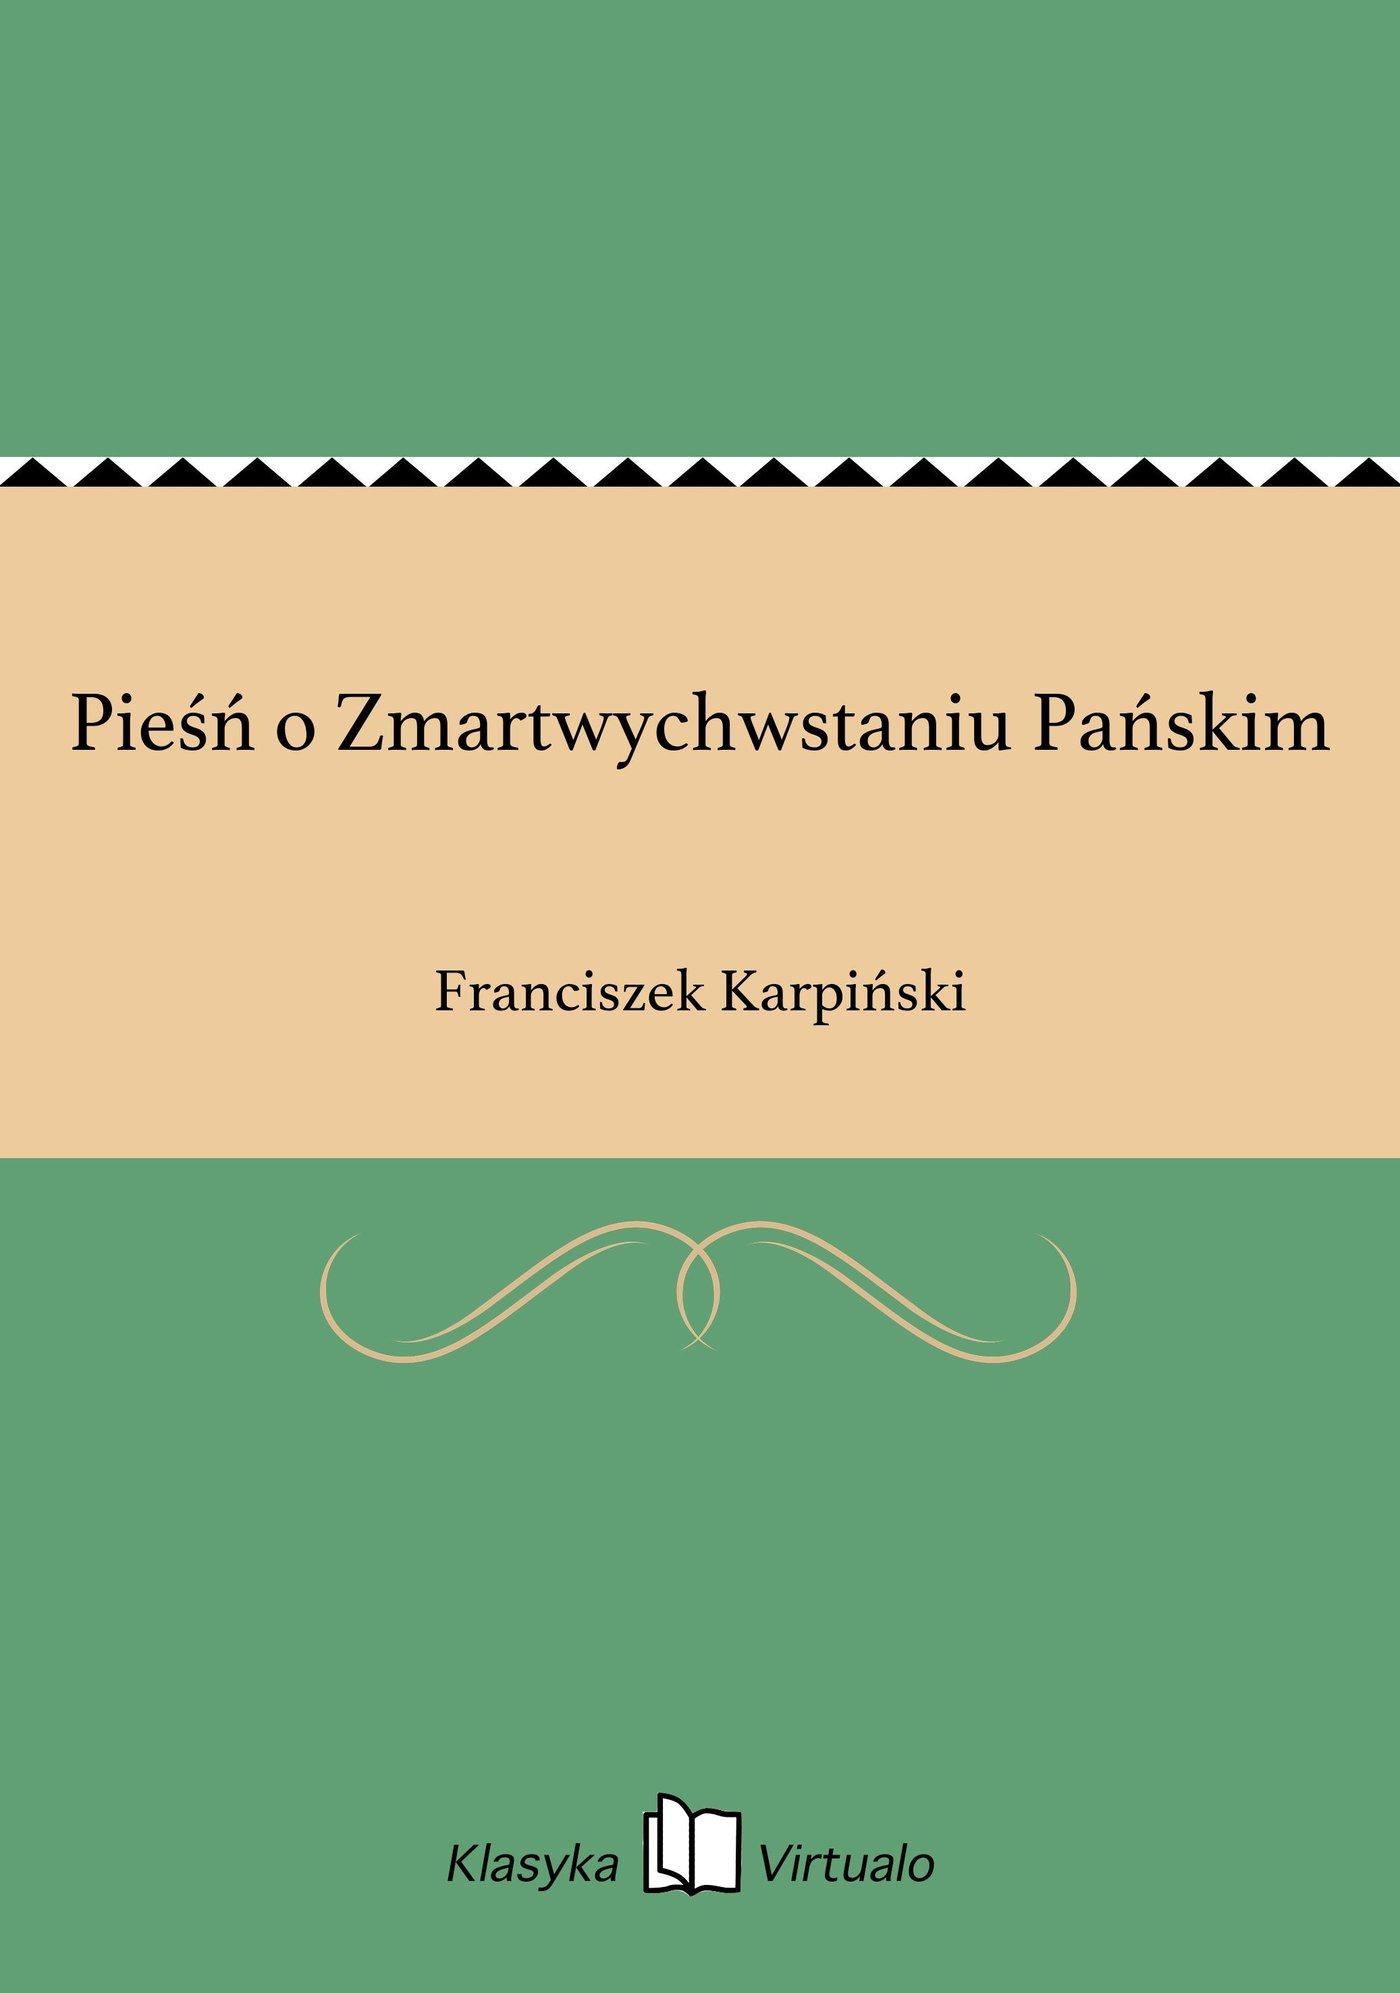 Pieśń o Zmartwychwstaniu Pańskim - Ebook (Książka EPUB) do pobrania w formacie EPUB